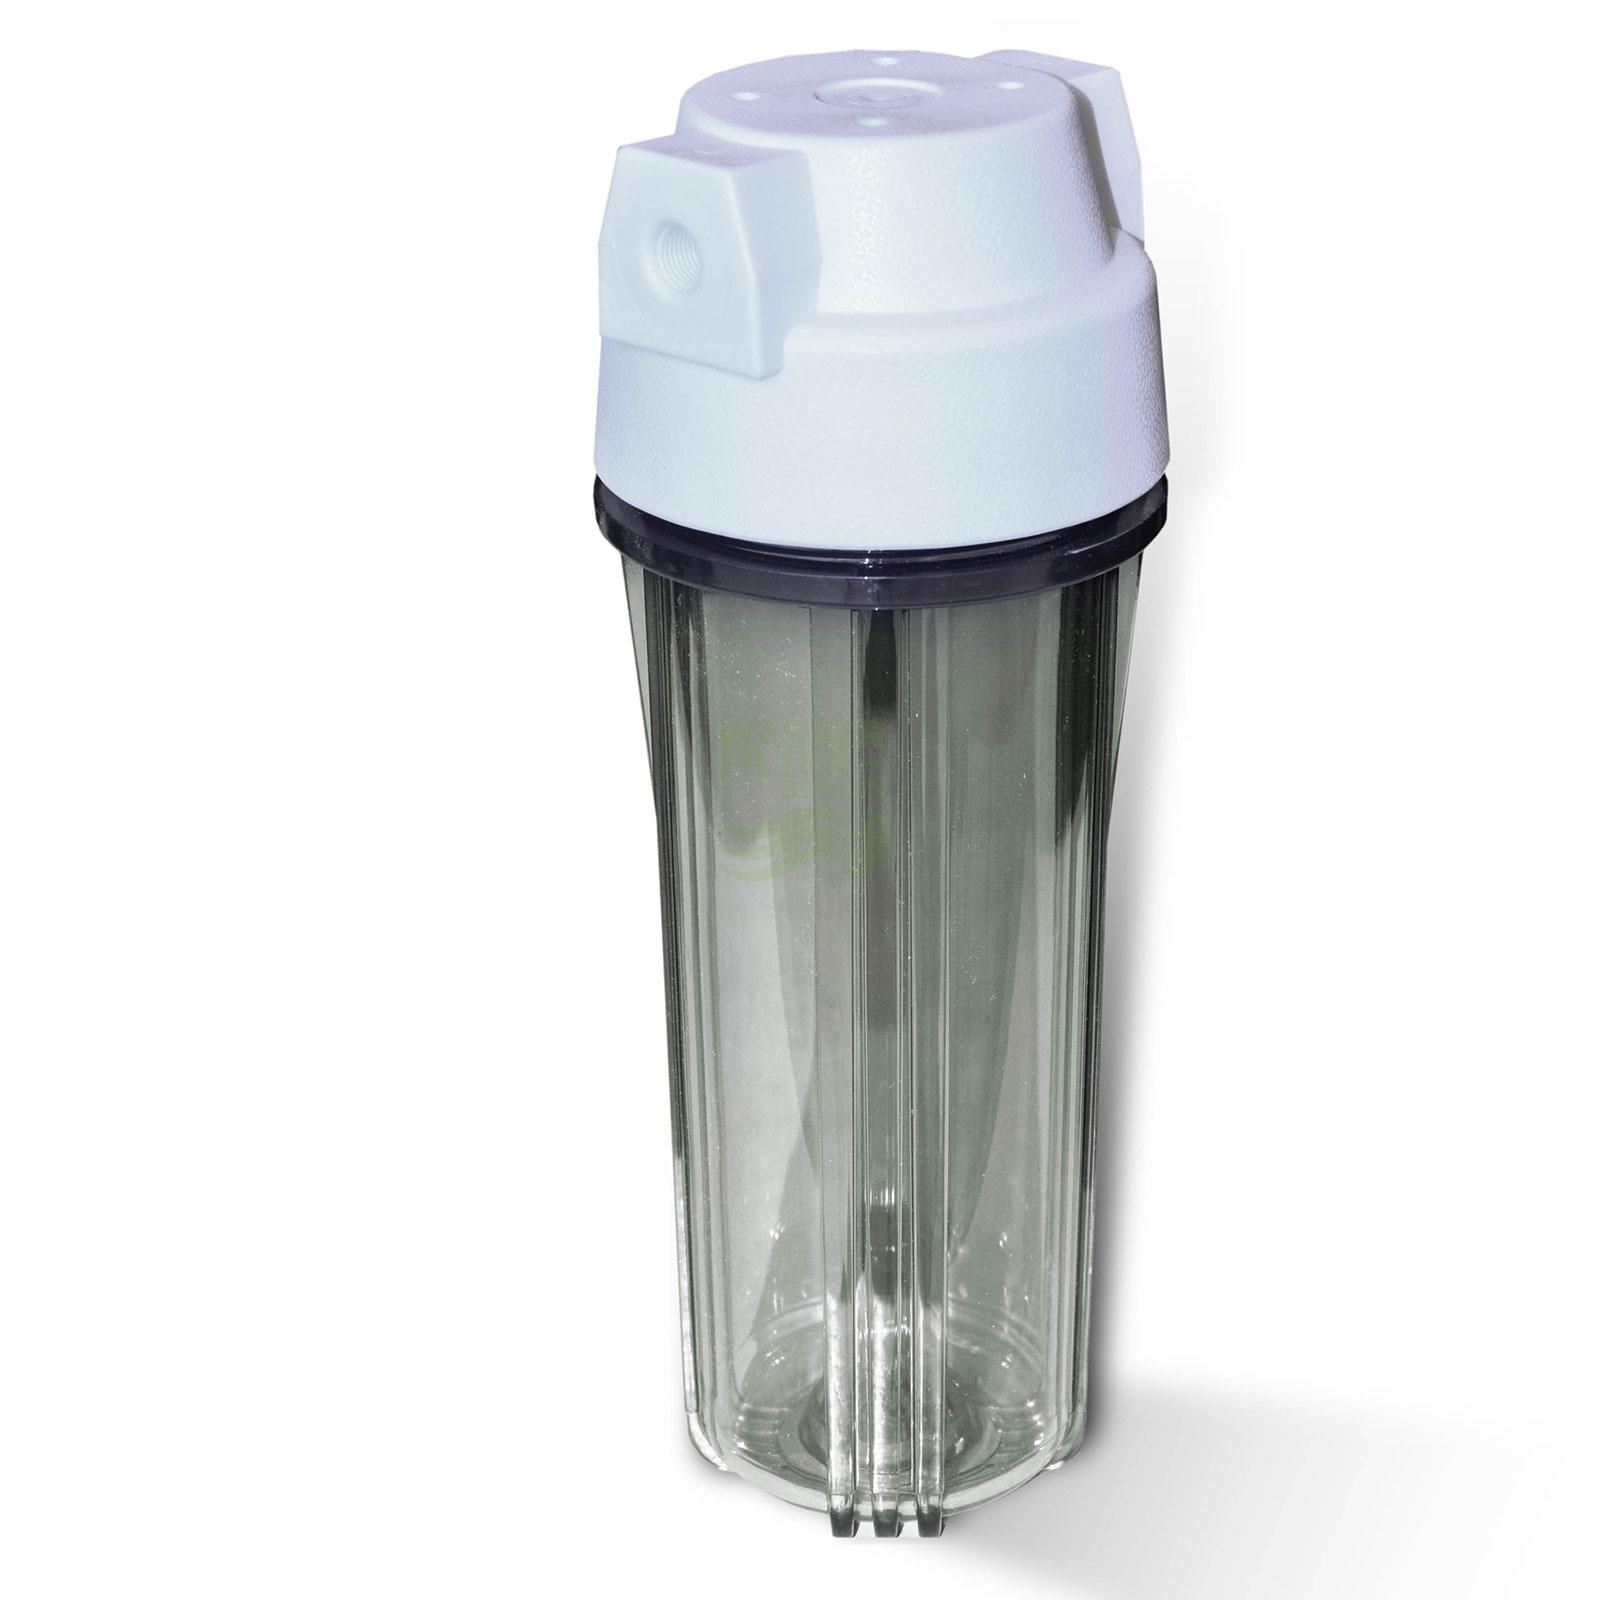 25,4cm (10 Zoll) Wasserfiltergehäuse, Umkehrosmose, weiss/klar ...